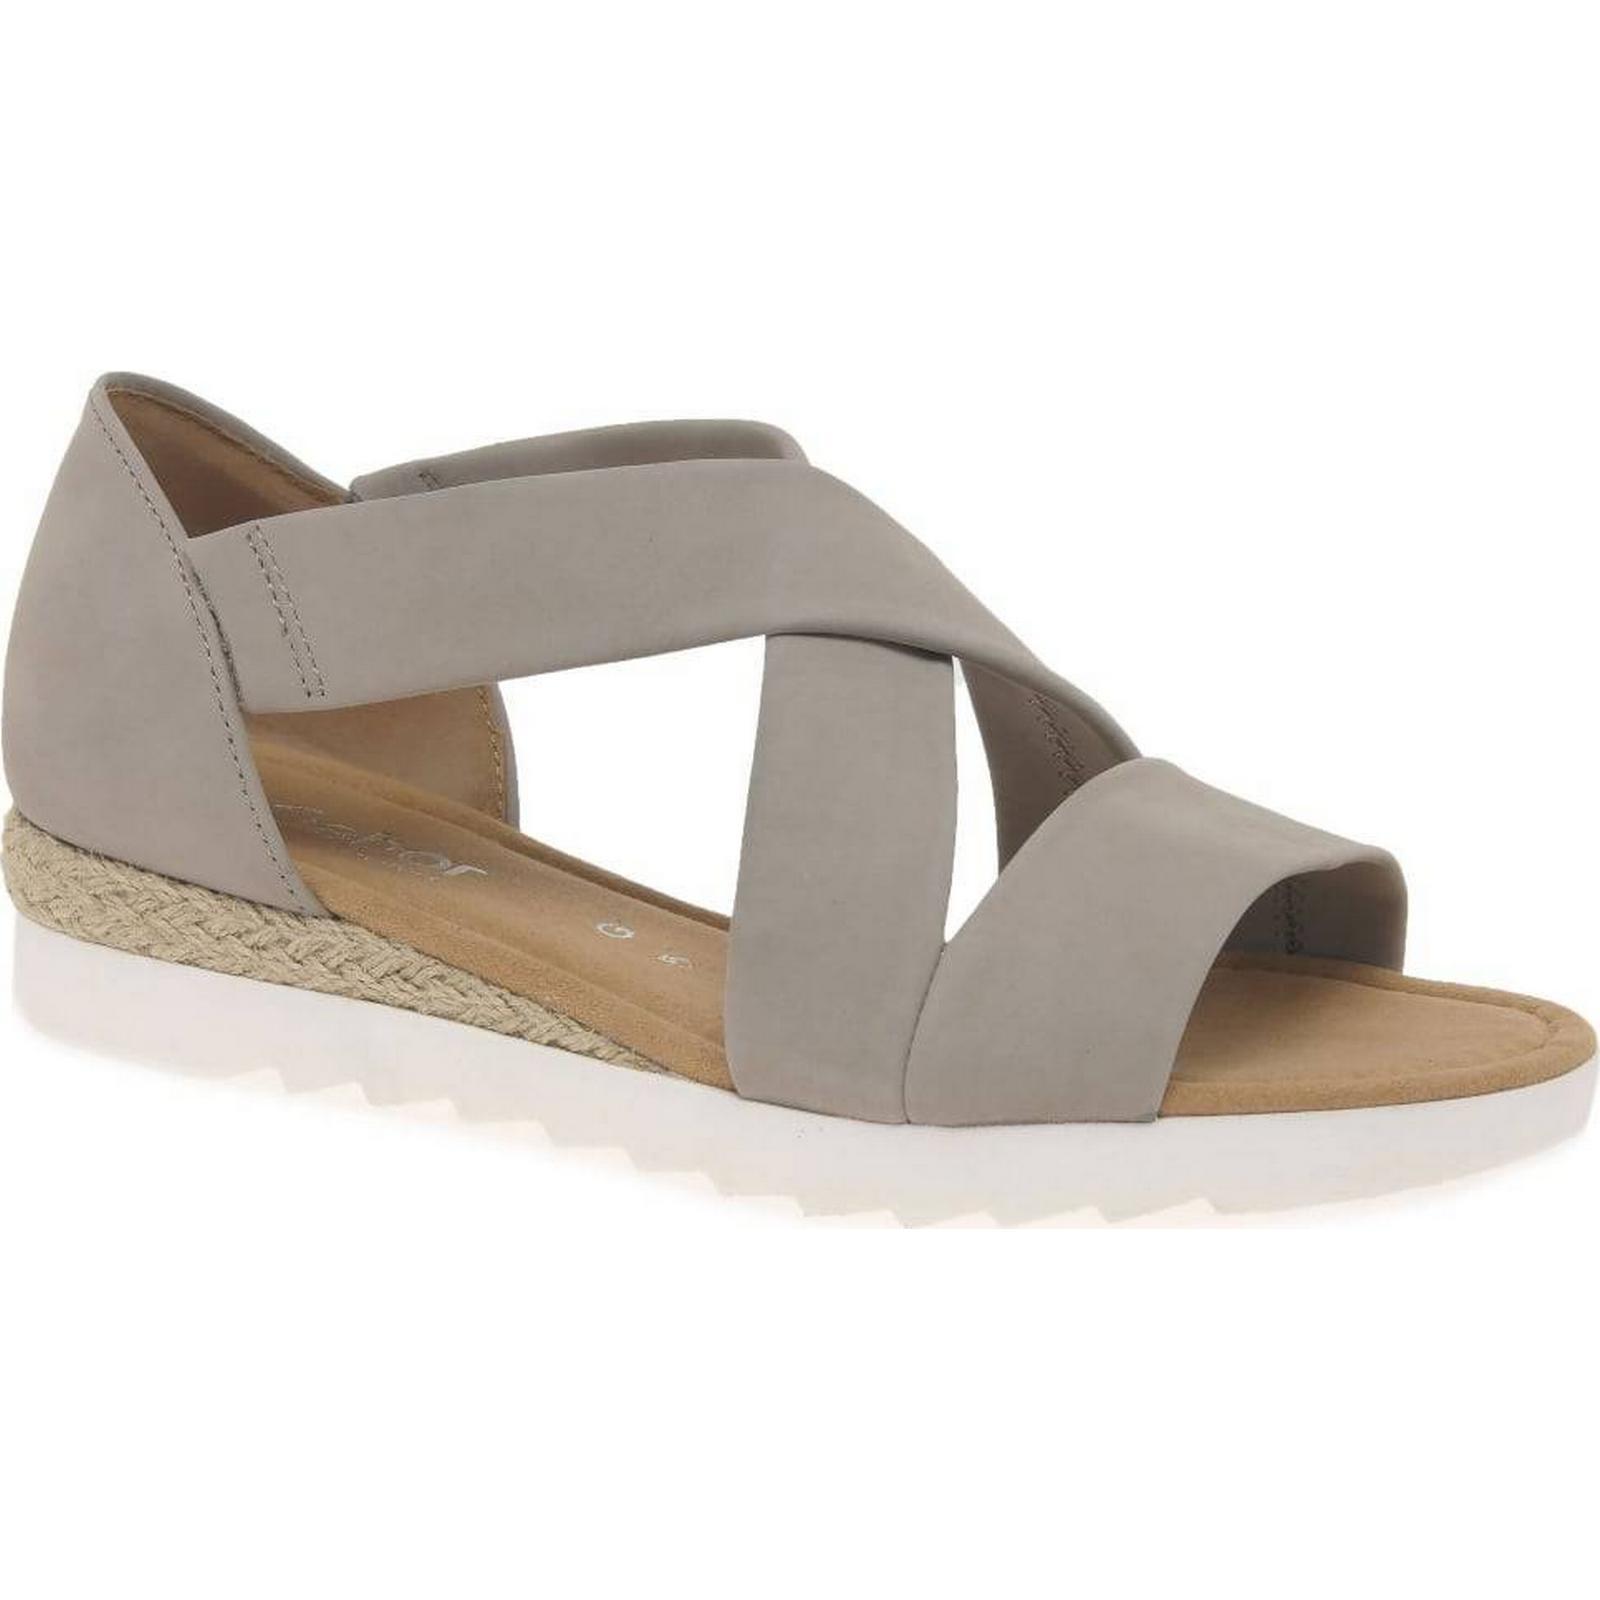 Gabor Linen Promise Womens Sandals Colour: Linen Gabor Nubuck, Size: 4 10c629